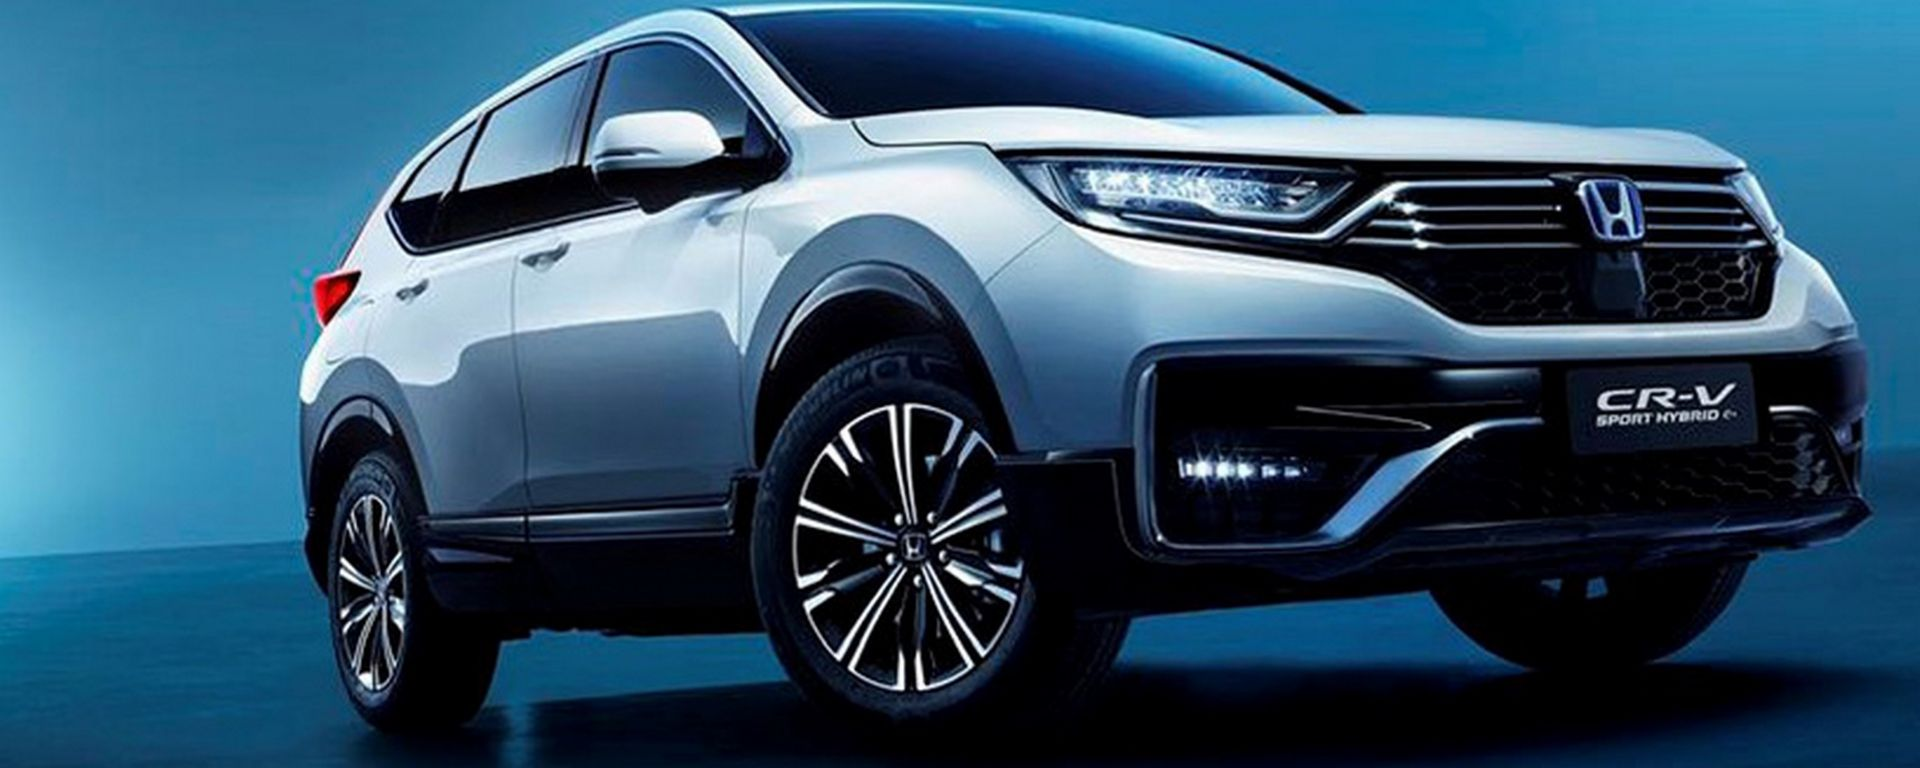 Honda crv black edition (2020): Nuova Honda CR-V Plug-in Hybrid (2021): quando esce in